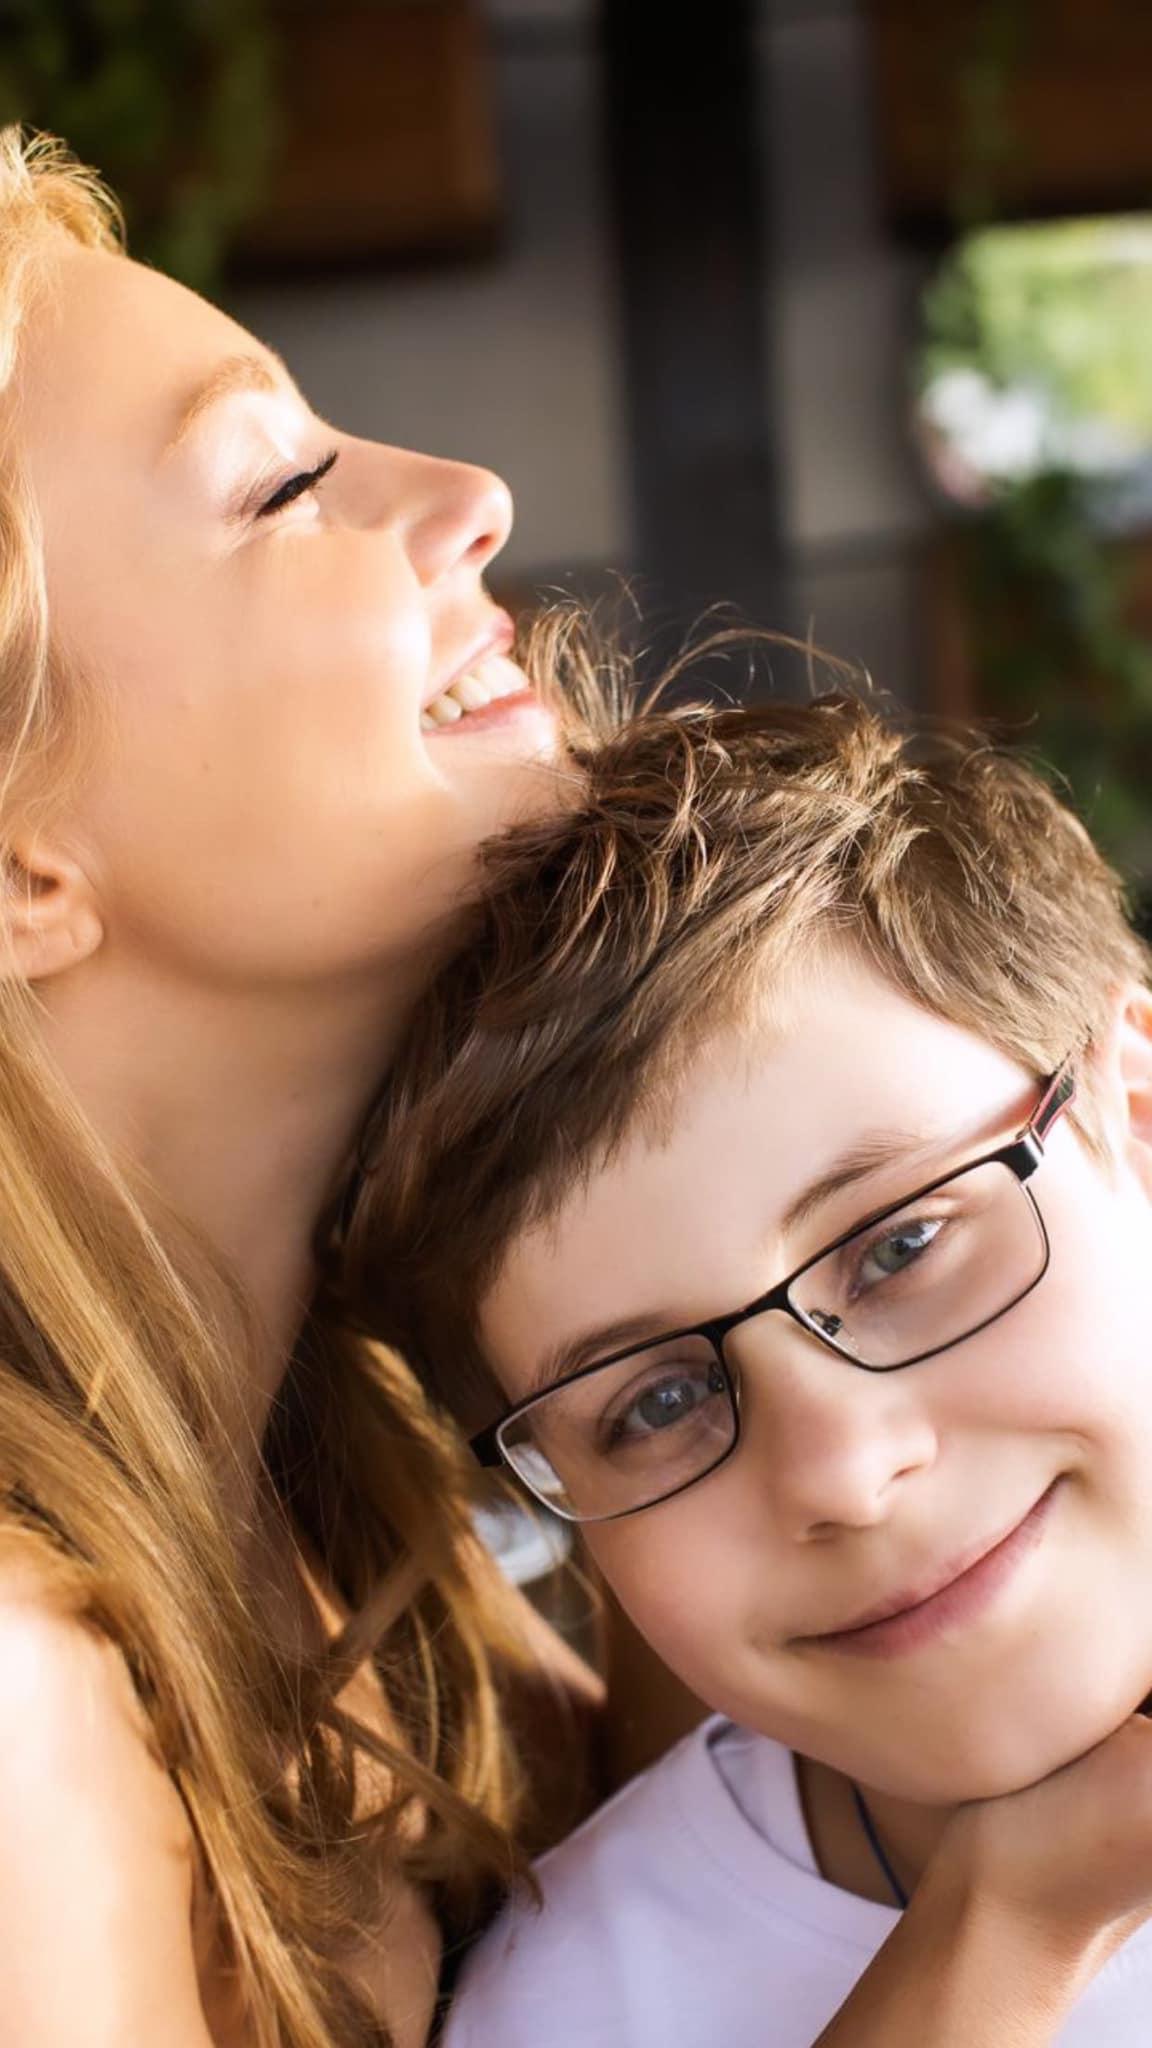 Син Тіни Кароль став зовсім дорослим: співачка зворушливо привітала Веніаміна з Днем народження